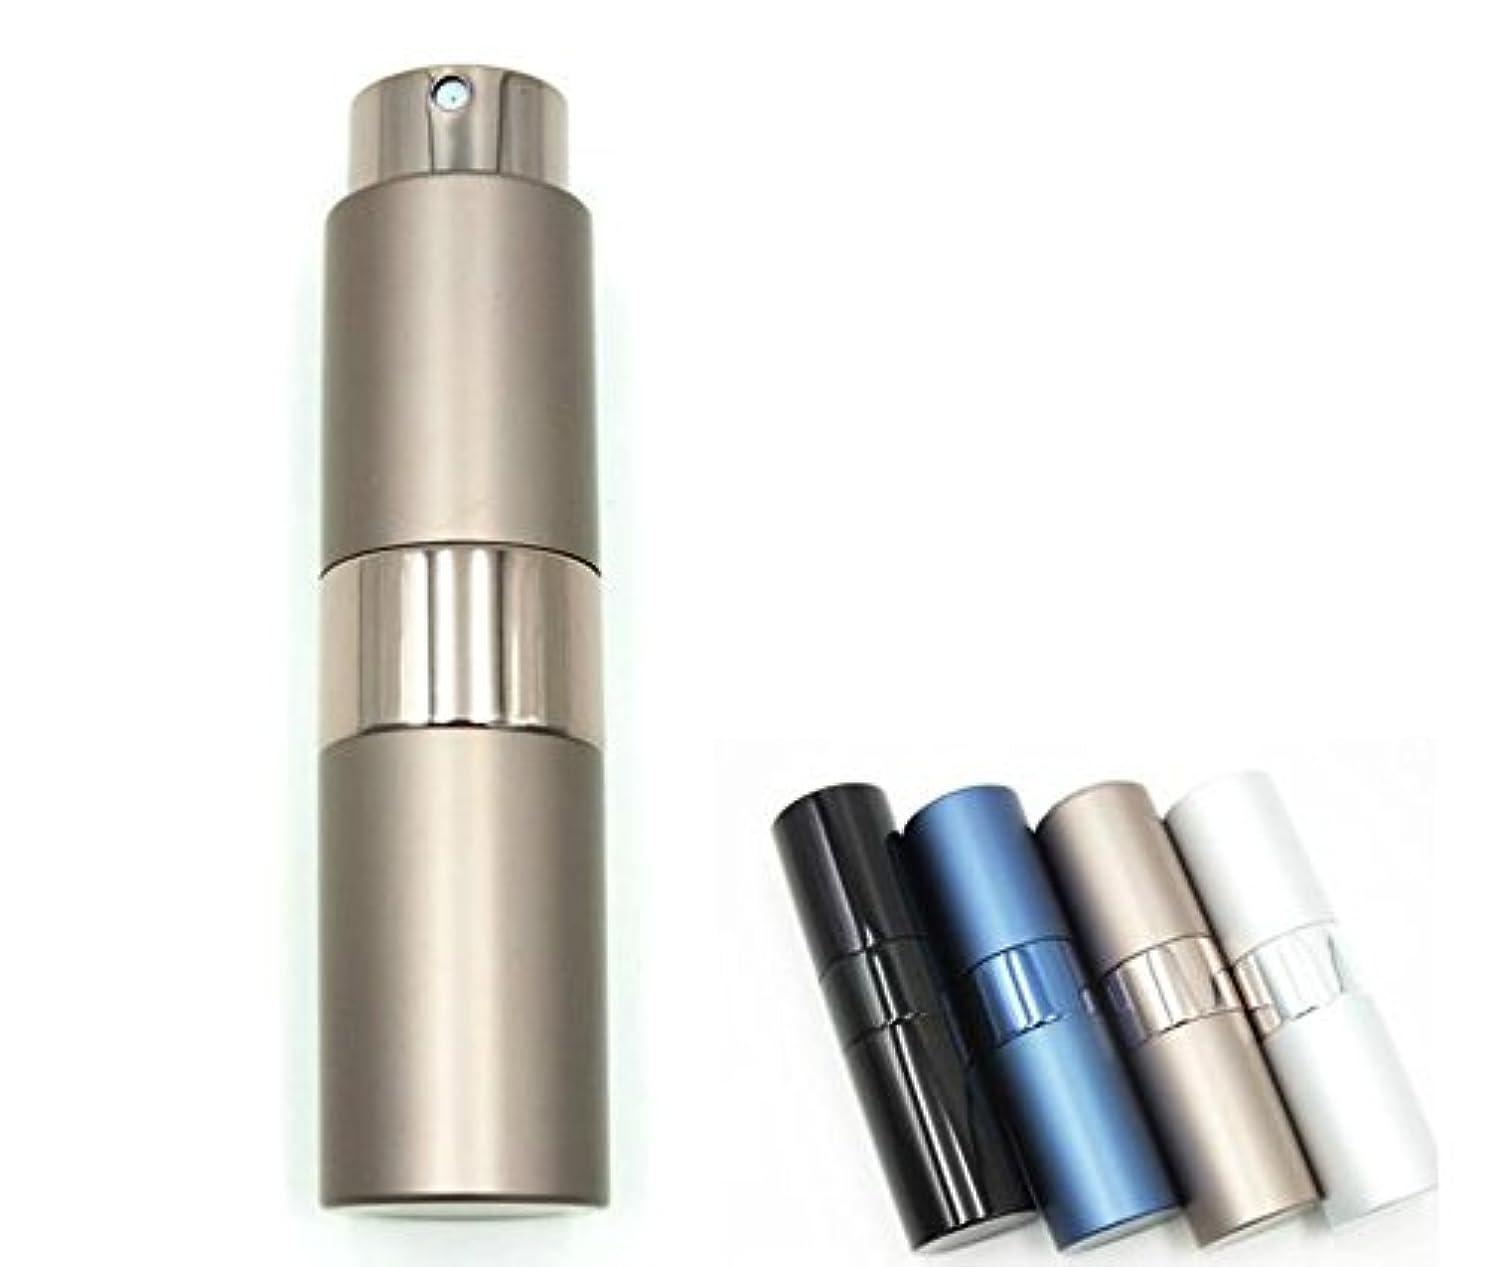 食事可愛い有益なShopXJ 香水 メンズ アトマイザー 大人 男性 プッシュ式 詰め替え 持ち運び 身だしなみ 携帯用 15ml (ブラウン)